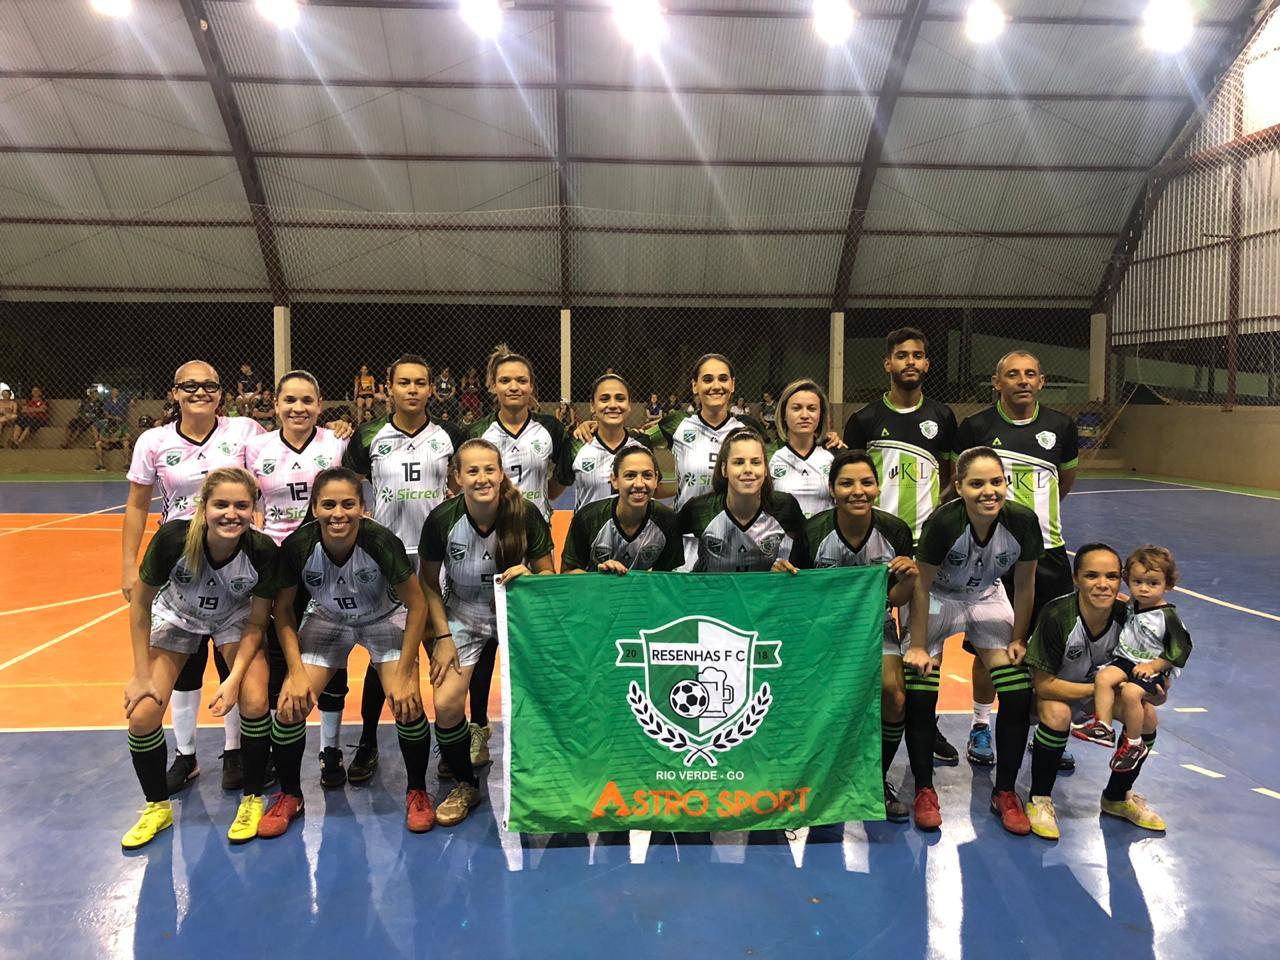 Clube Campestre/Resenhas está na final do Campeonato Goiano de Futsal Feminino